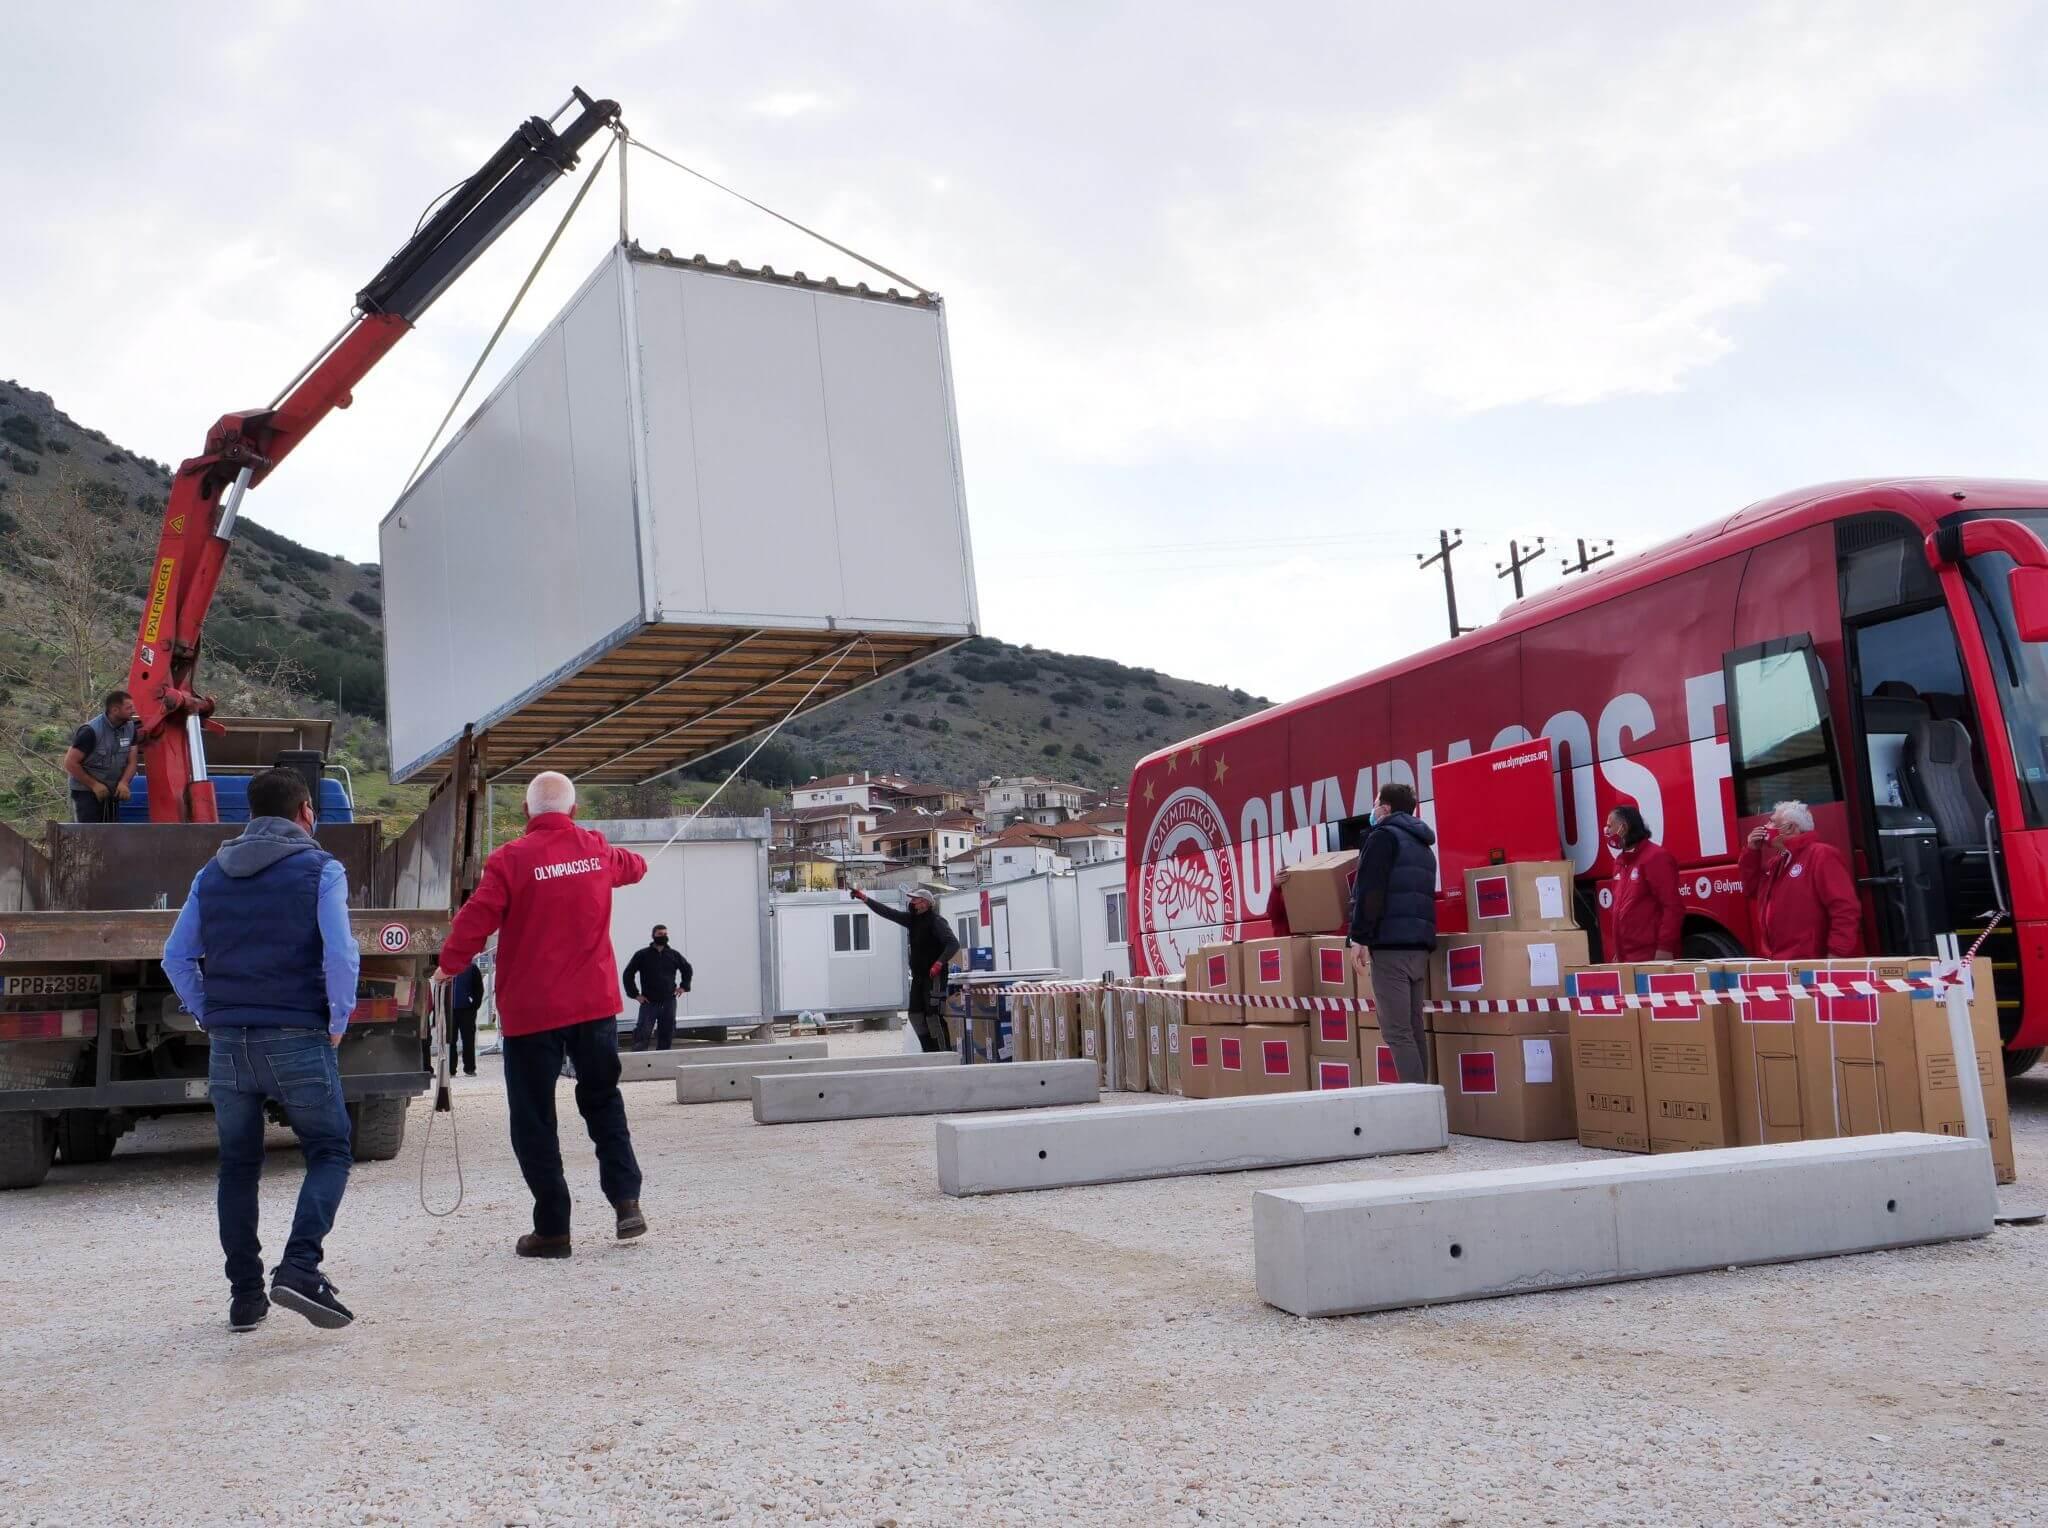 Ολυμπιακός: Ολοκληρώθηκε η αποστολή αλληλεγγύης στο Δαμάσι